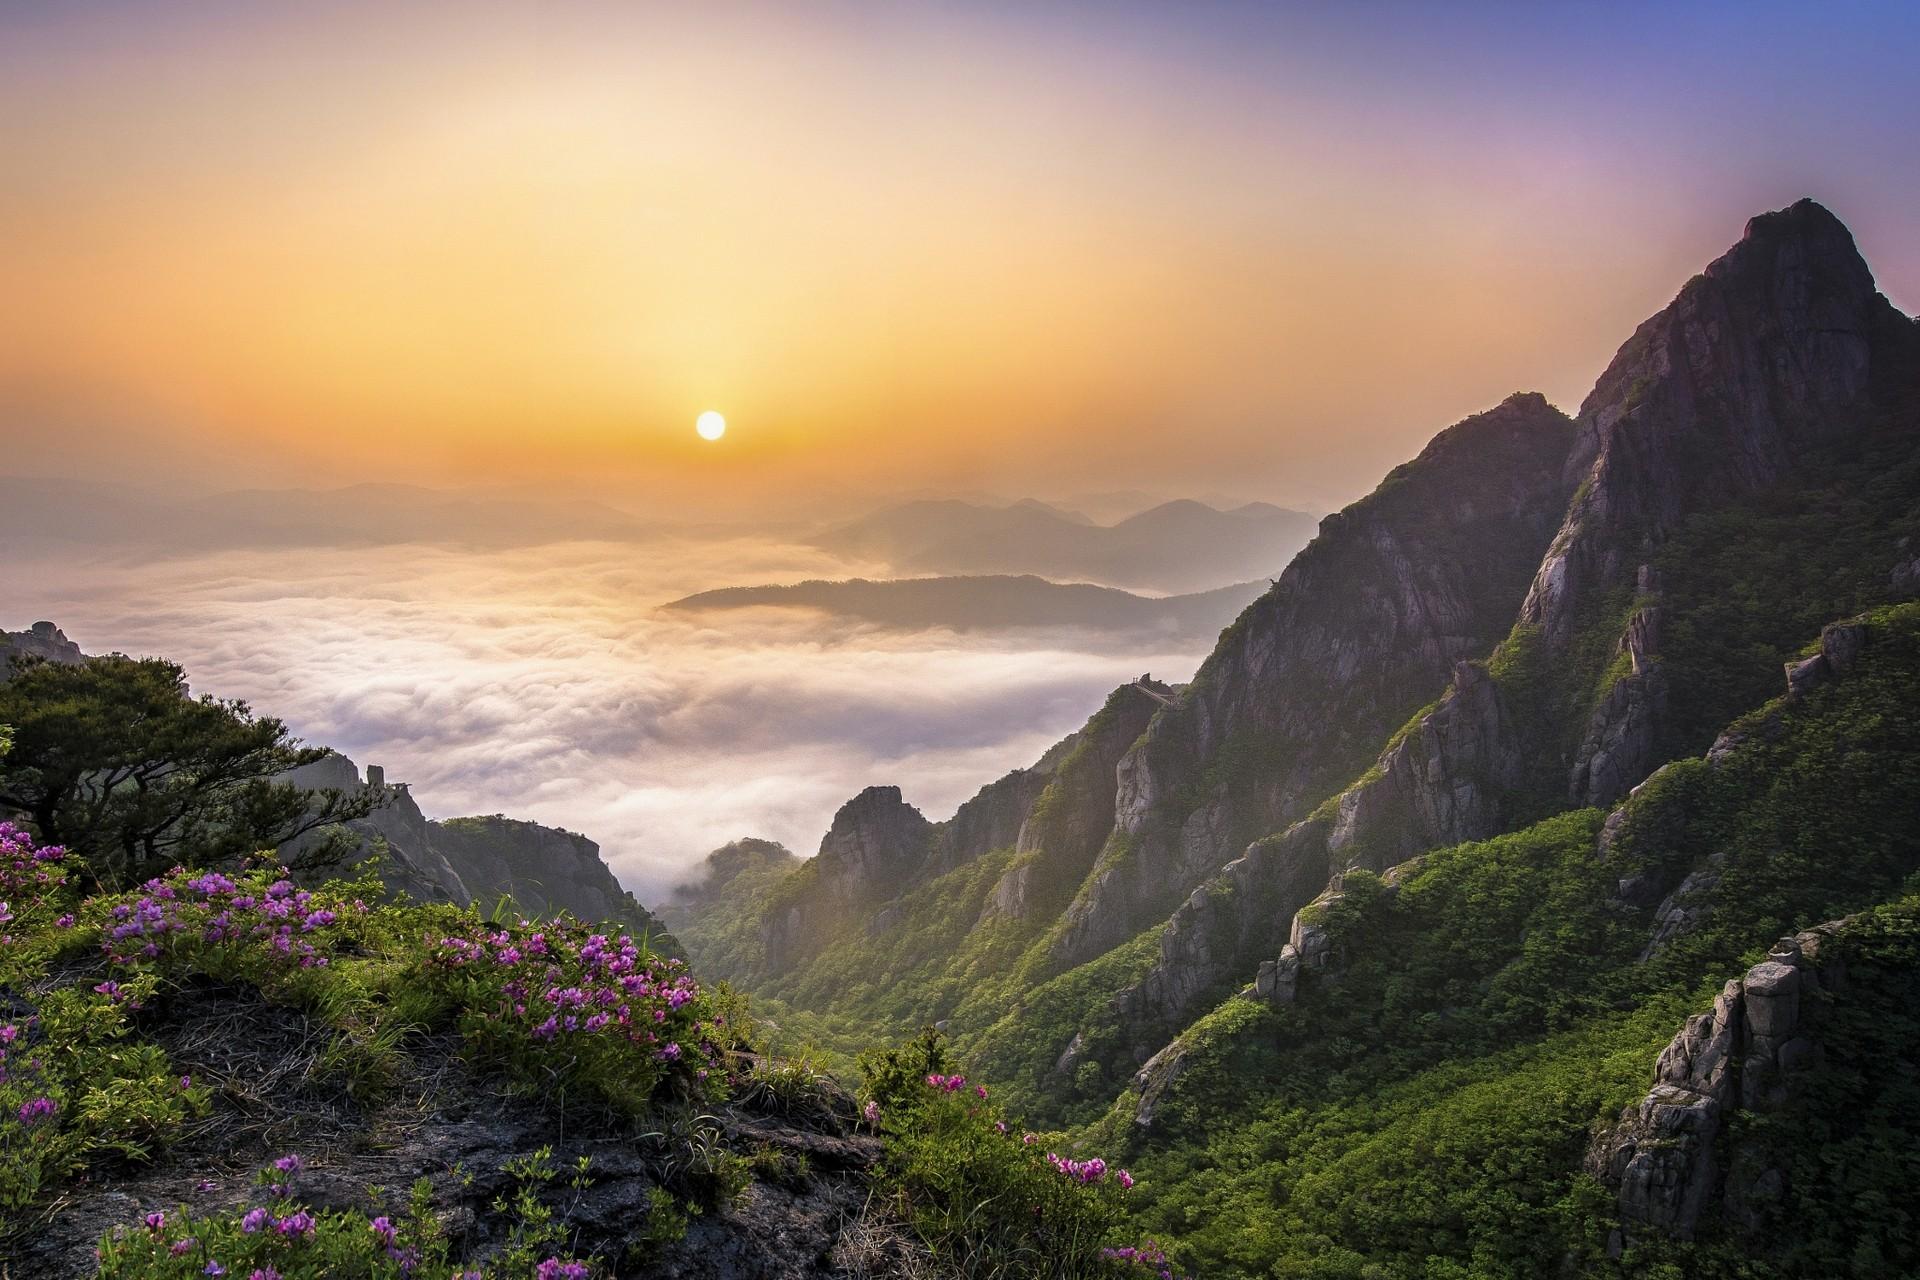 Картинка: горы, туман, облака, небо, цветы, холмы, травы